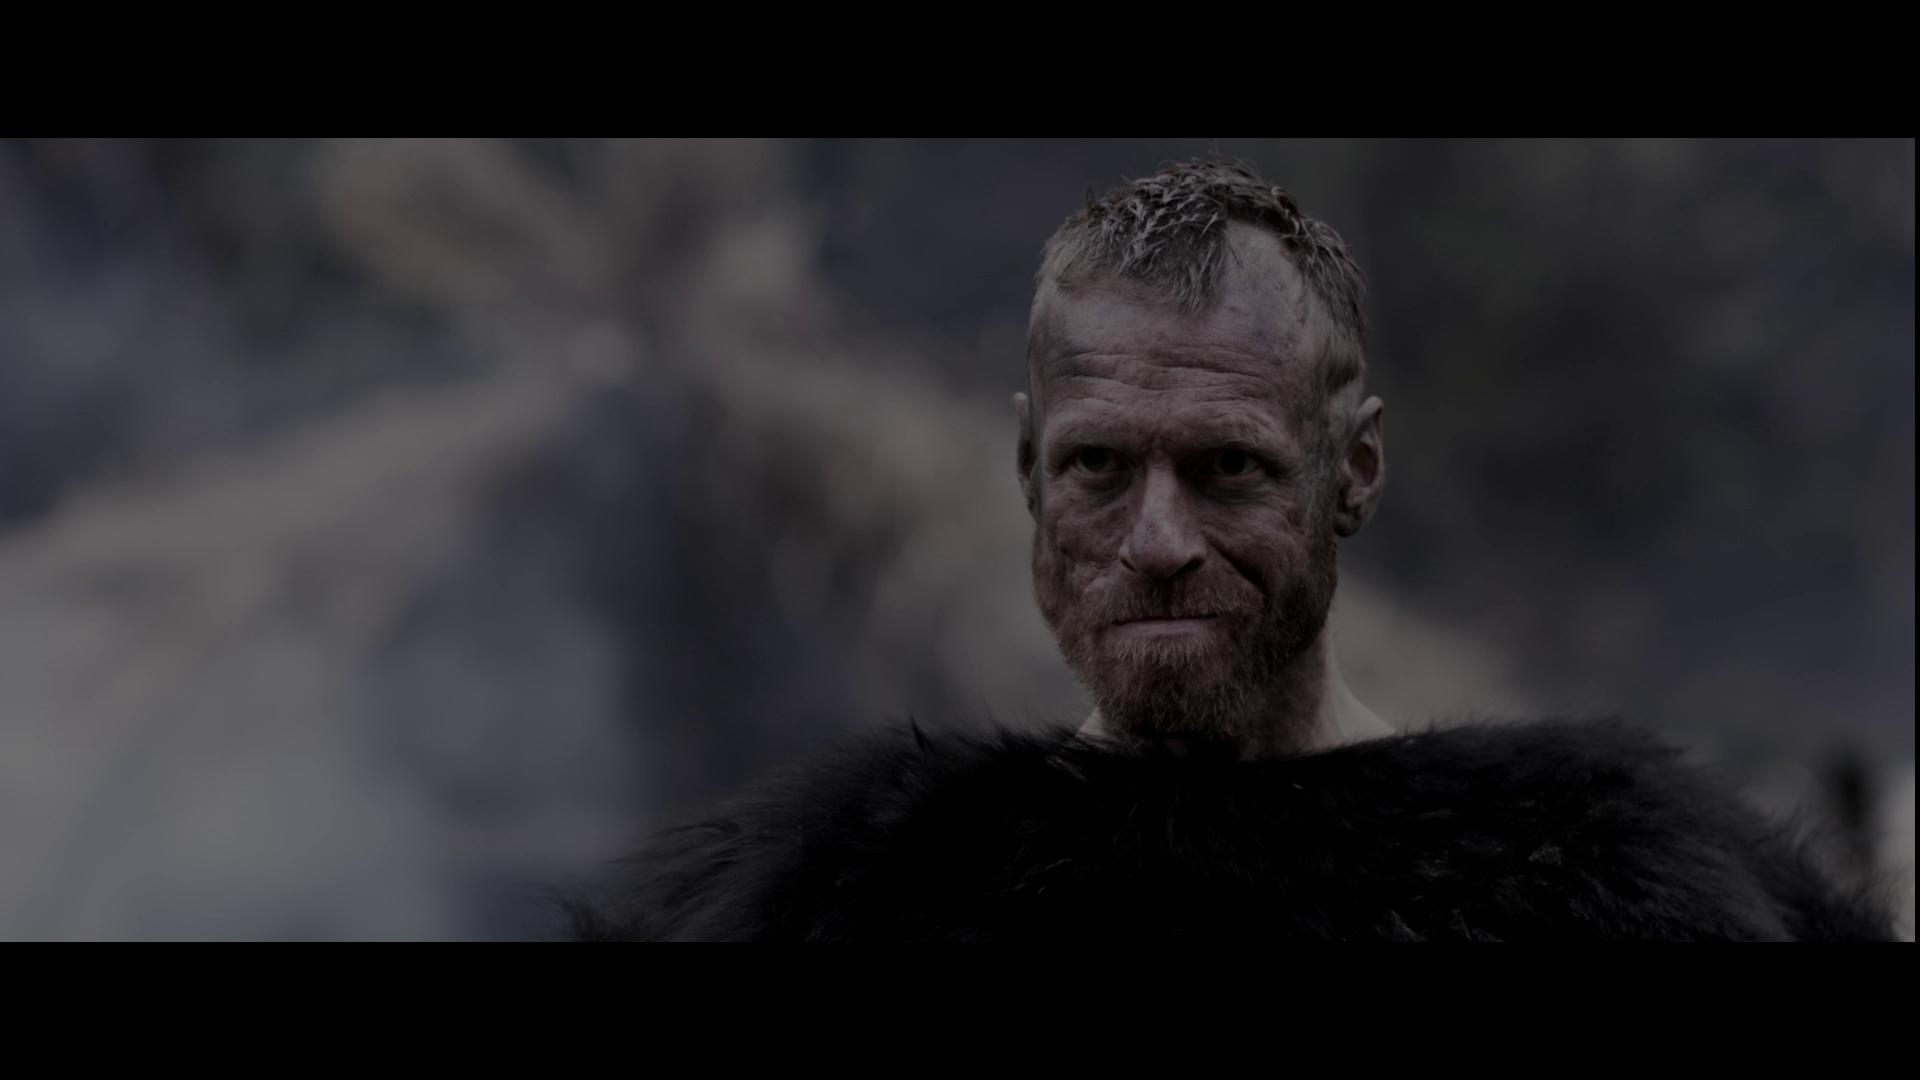 Викинг (2016) скачать торрентом в хорошем качестве hd бесплатно.